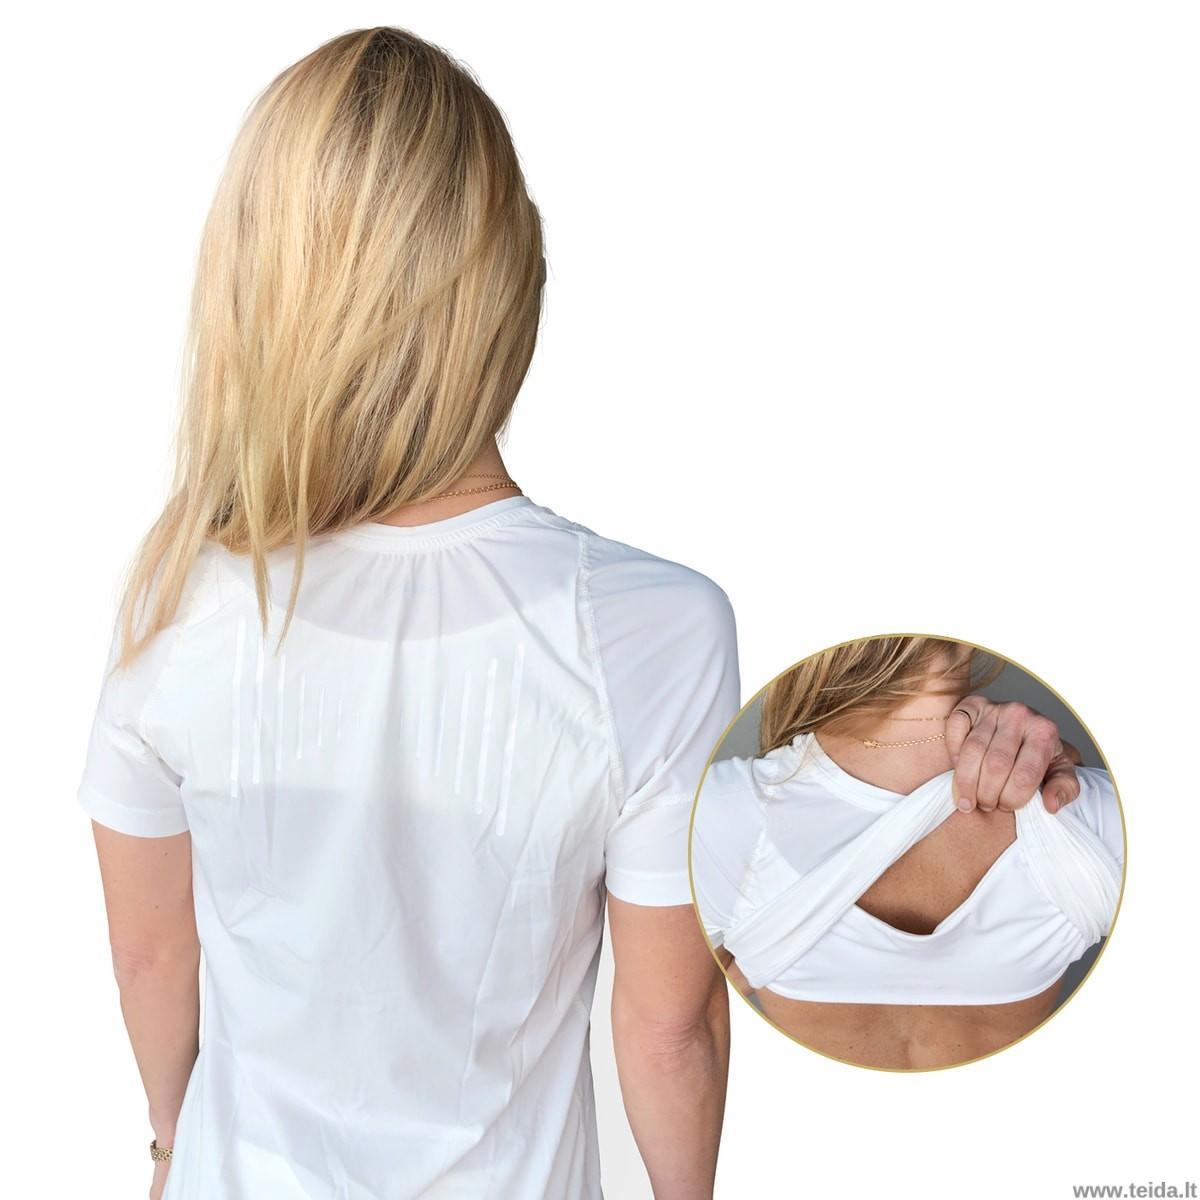 Laikyseną koreguojantys marškinėliai moterims, baltos spalvos, dydis M